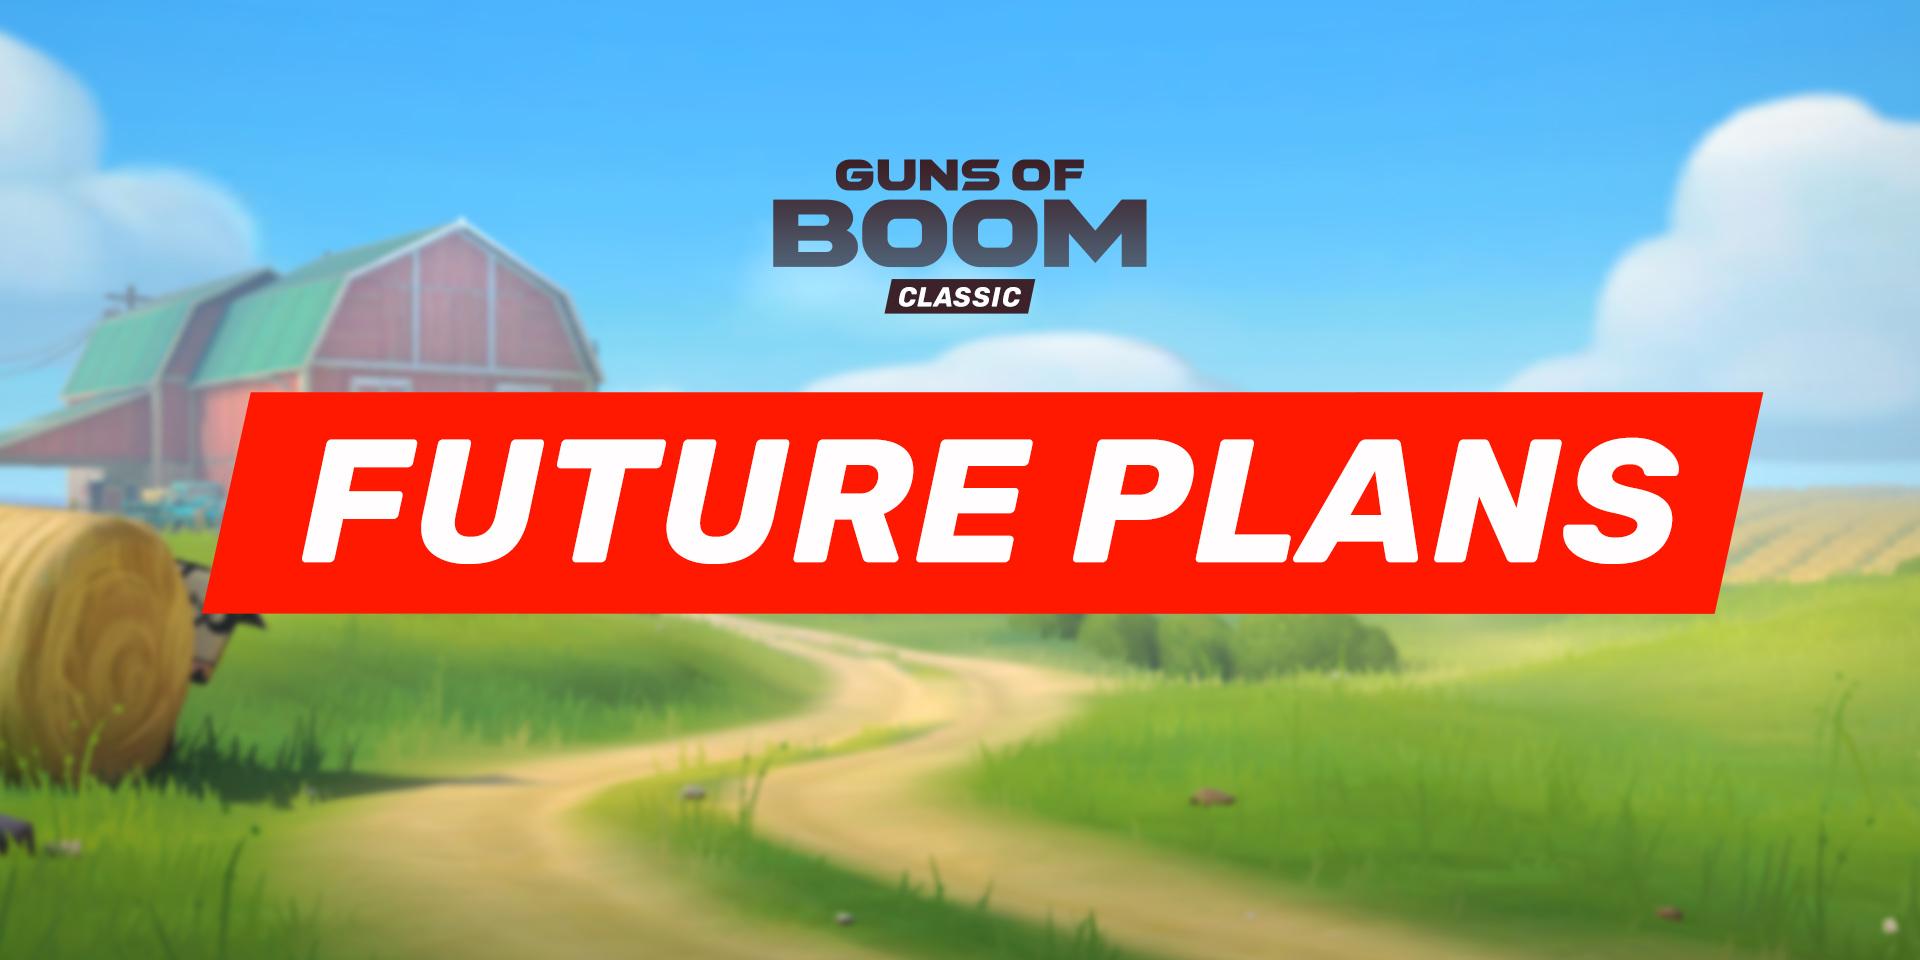 60b61d7d84799_futureplans-article_header_EN